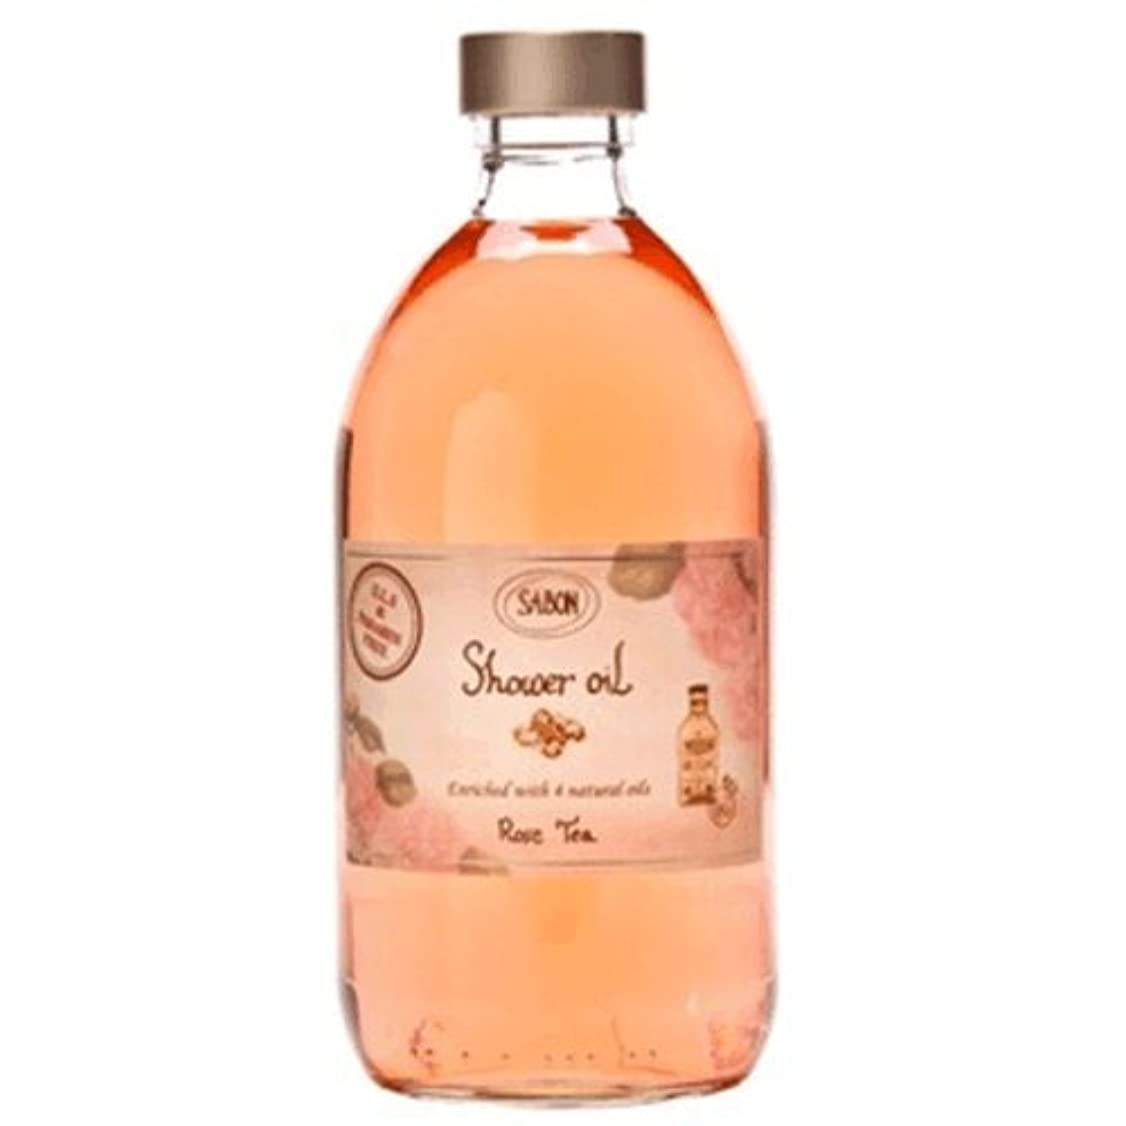 オーケストラ自治スポンジ【サボン】シャワーオイル ローズティー(Rose Tea) ポンプ付き 500ml